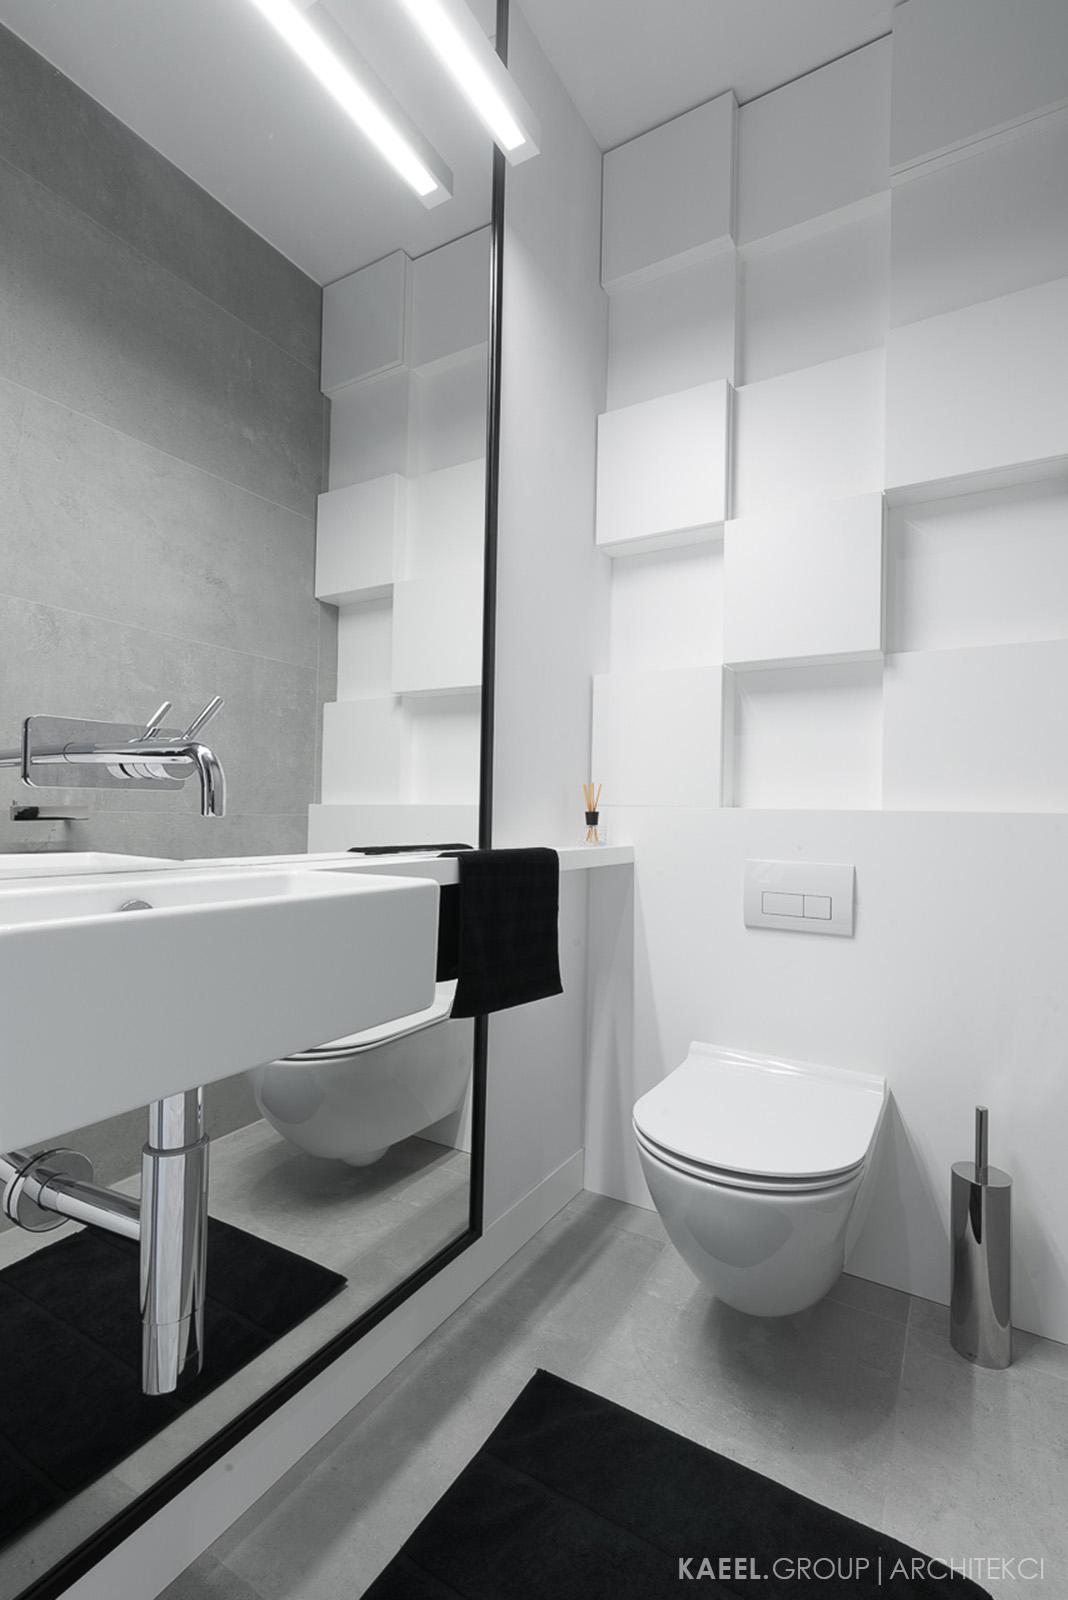 Szafki w wc